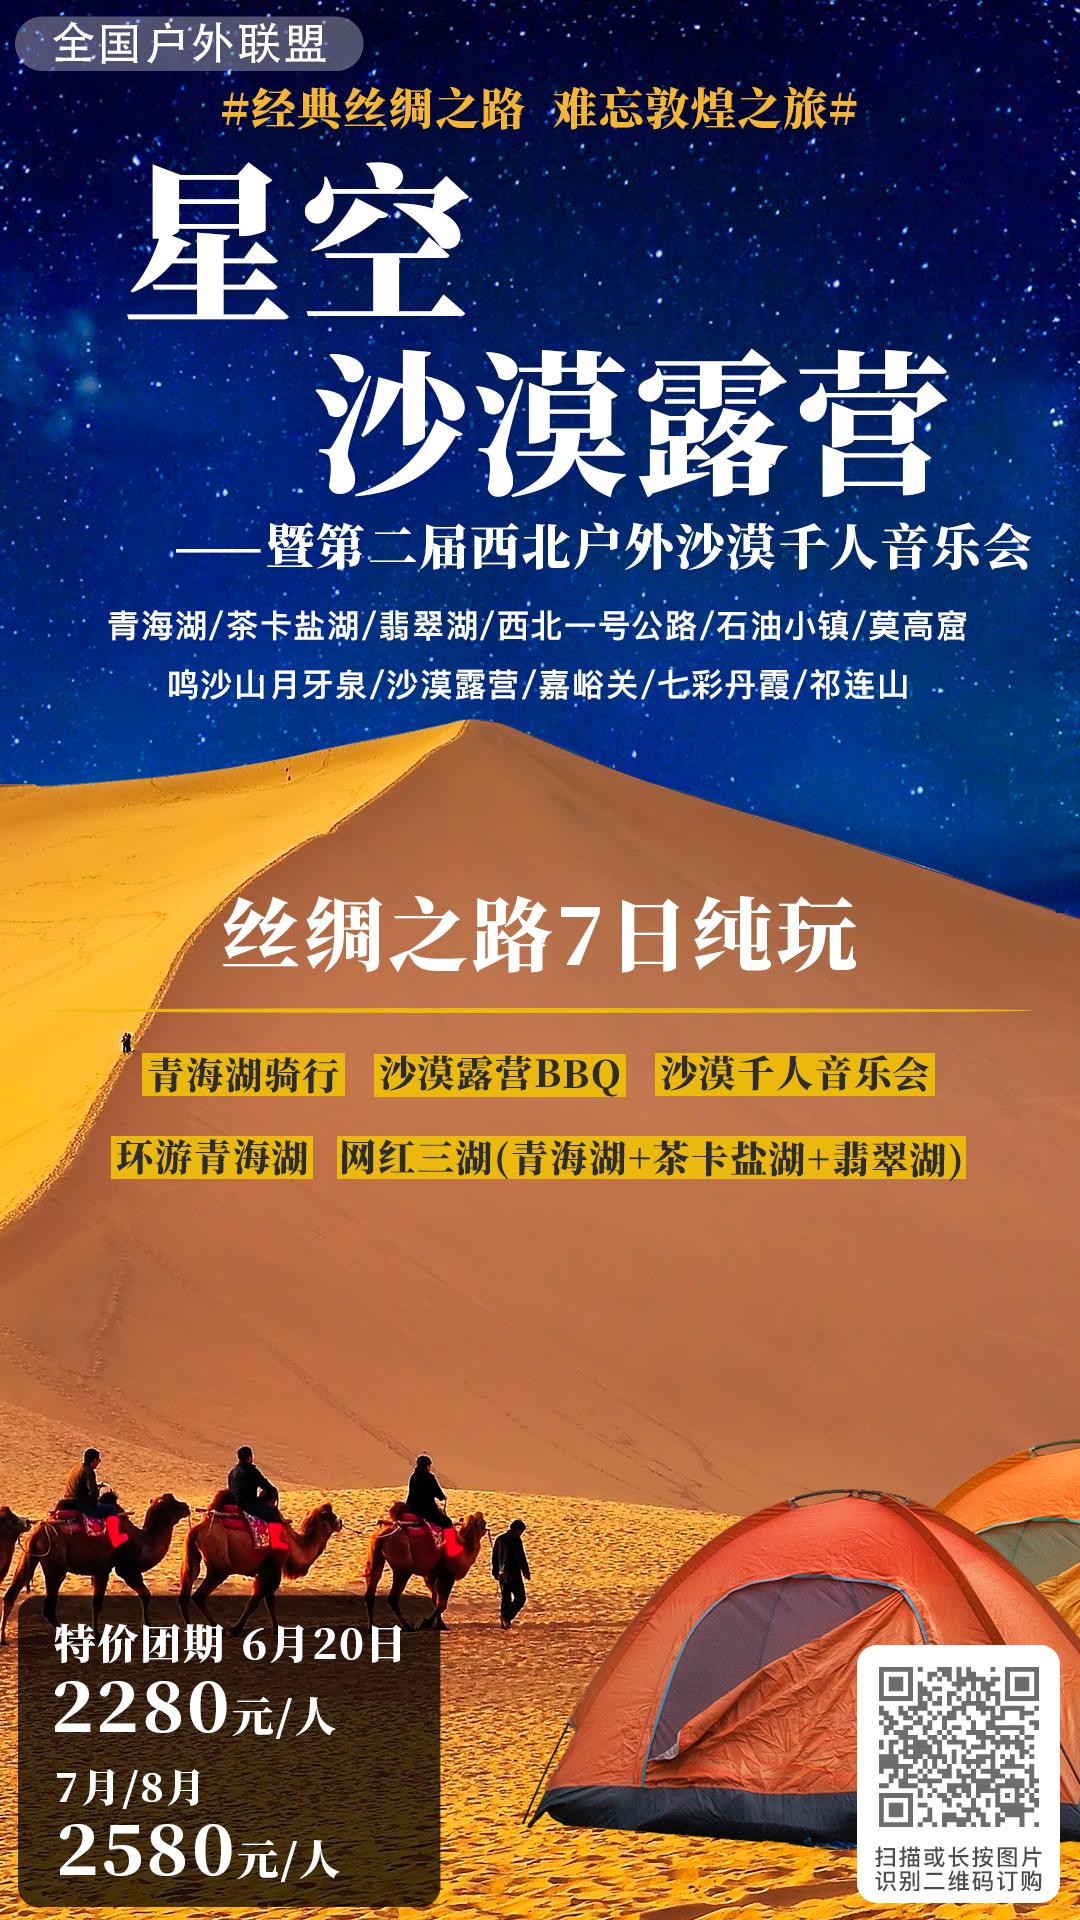 广东户外联盟2020年度丝绸之路沙漠露营大型户外活动